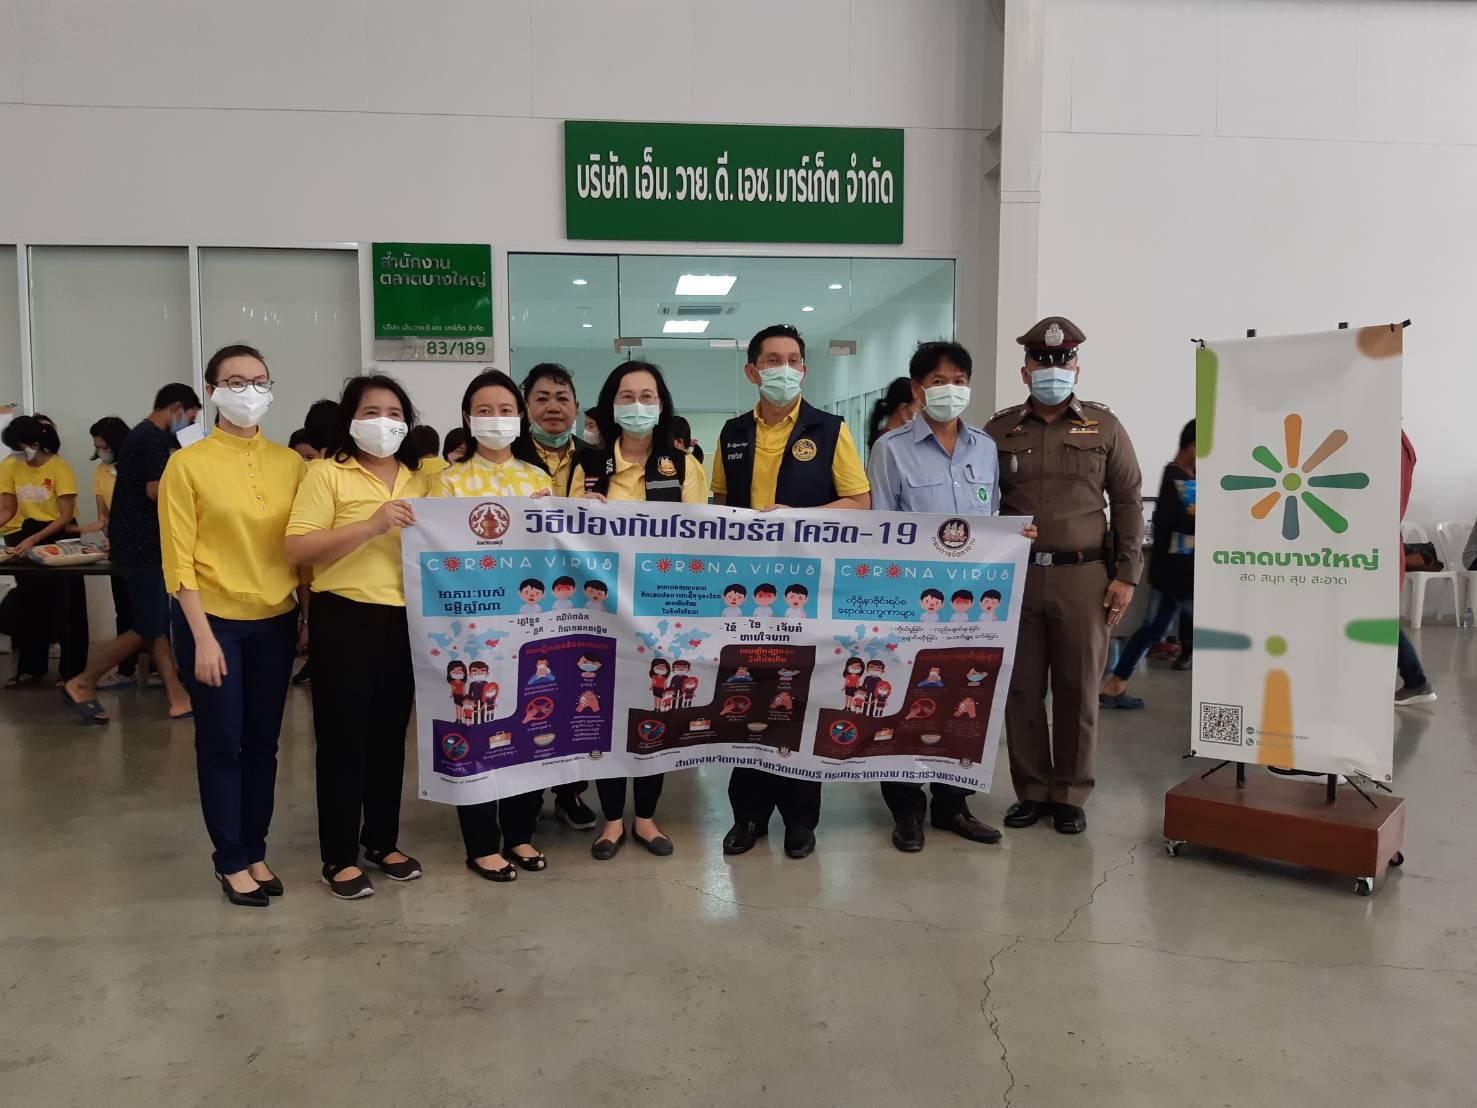 บูรณาการเฝ้าระวังป้องกันการแพร่ระบาดของโรคไวรัสโควิดในกลุ่มแรงงานต่างด้าว ณ ตลาดกลางบางใหญ่ นนทบุรี